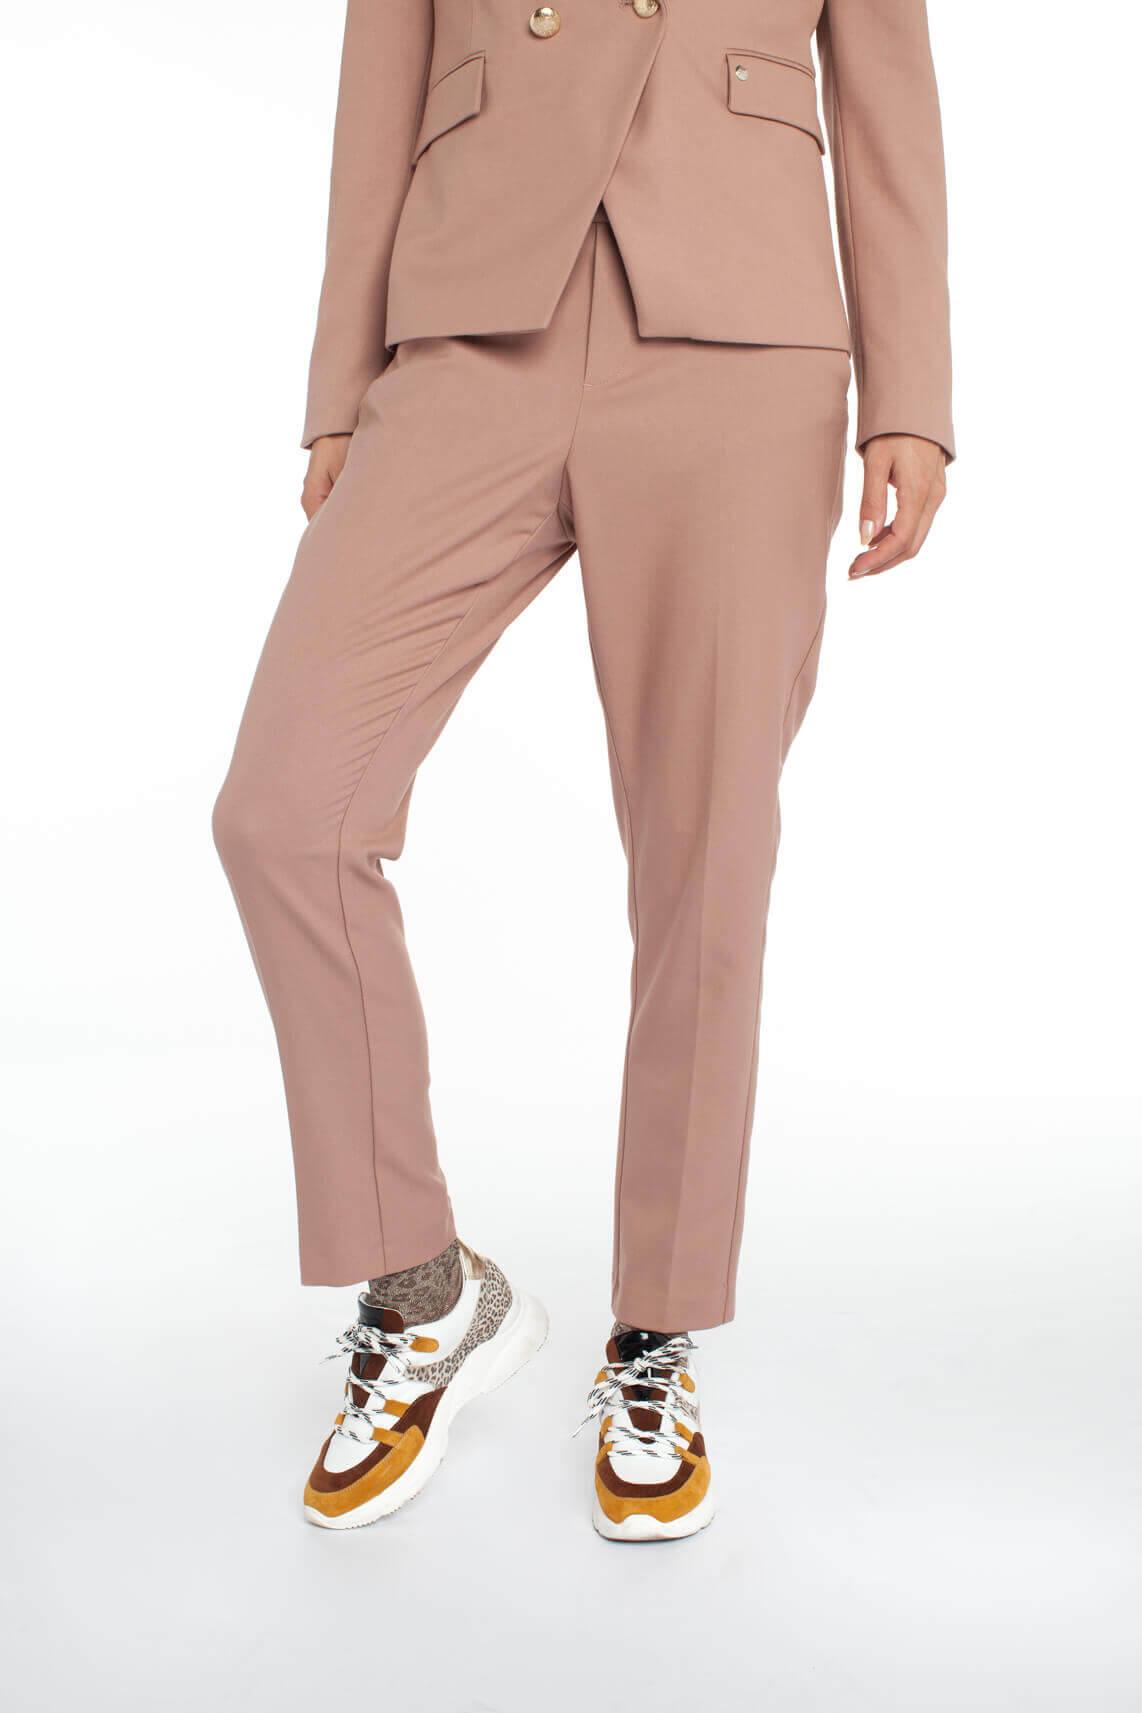 Mos Mosh Dames Gerry pantalon roze